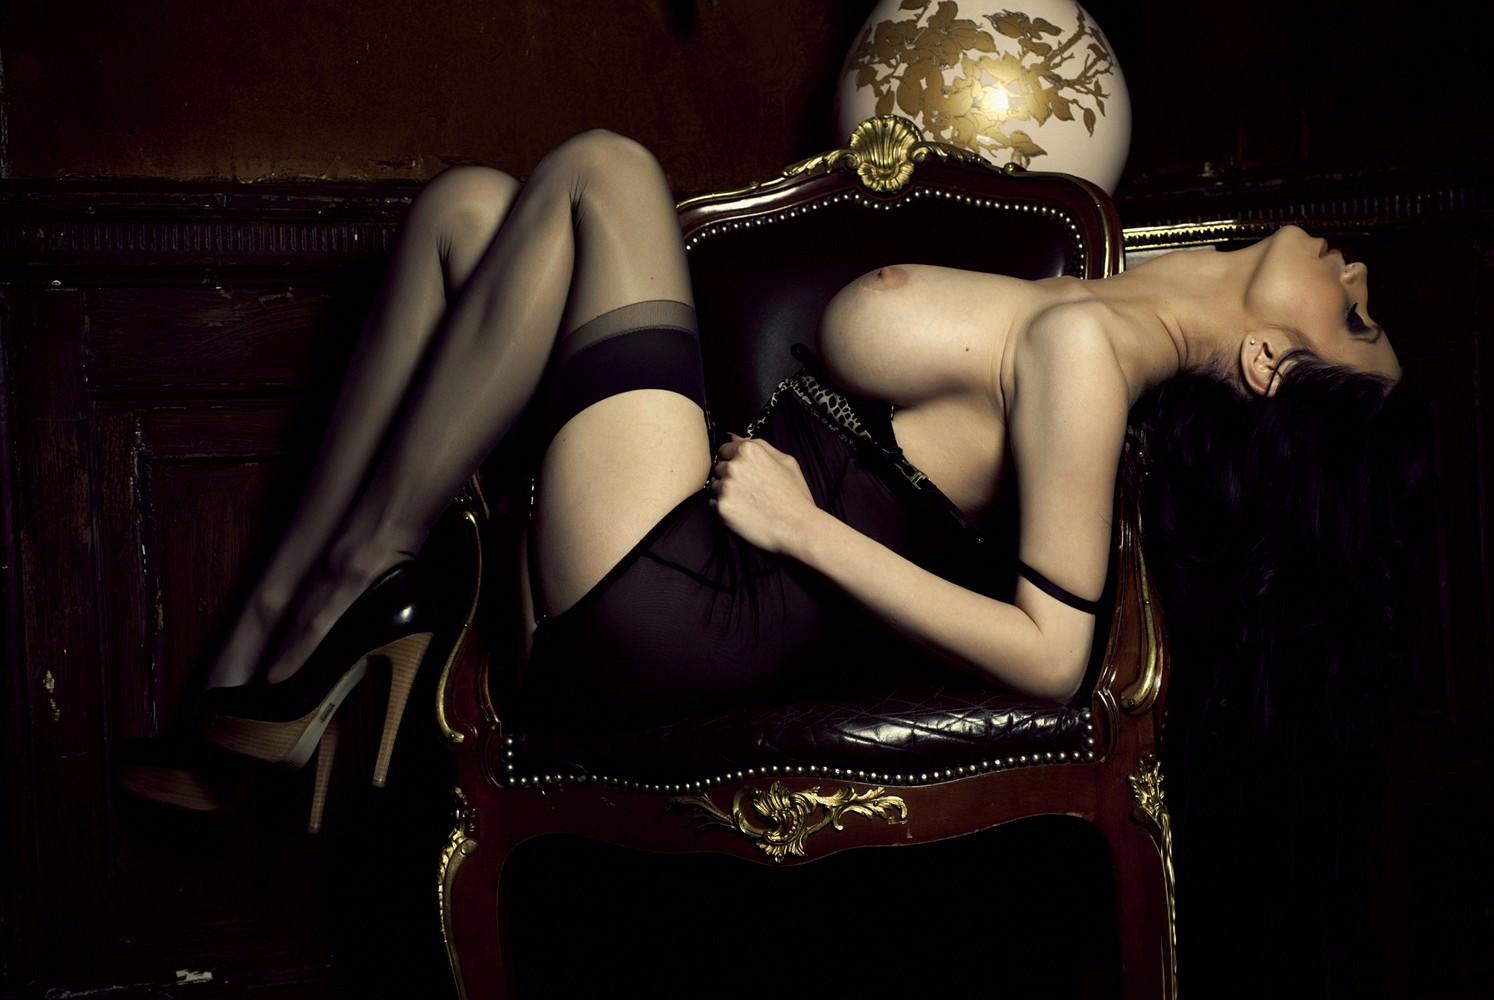 Эротическое фото со стулом 14 фотография